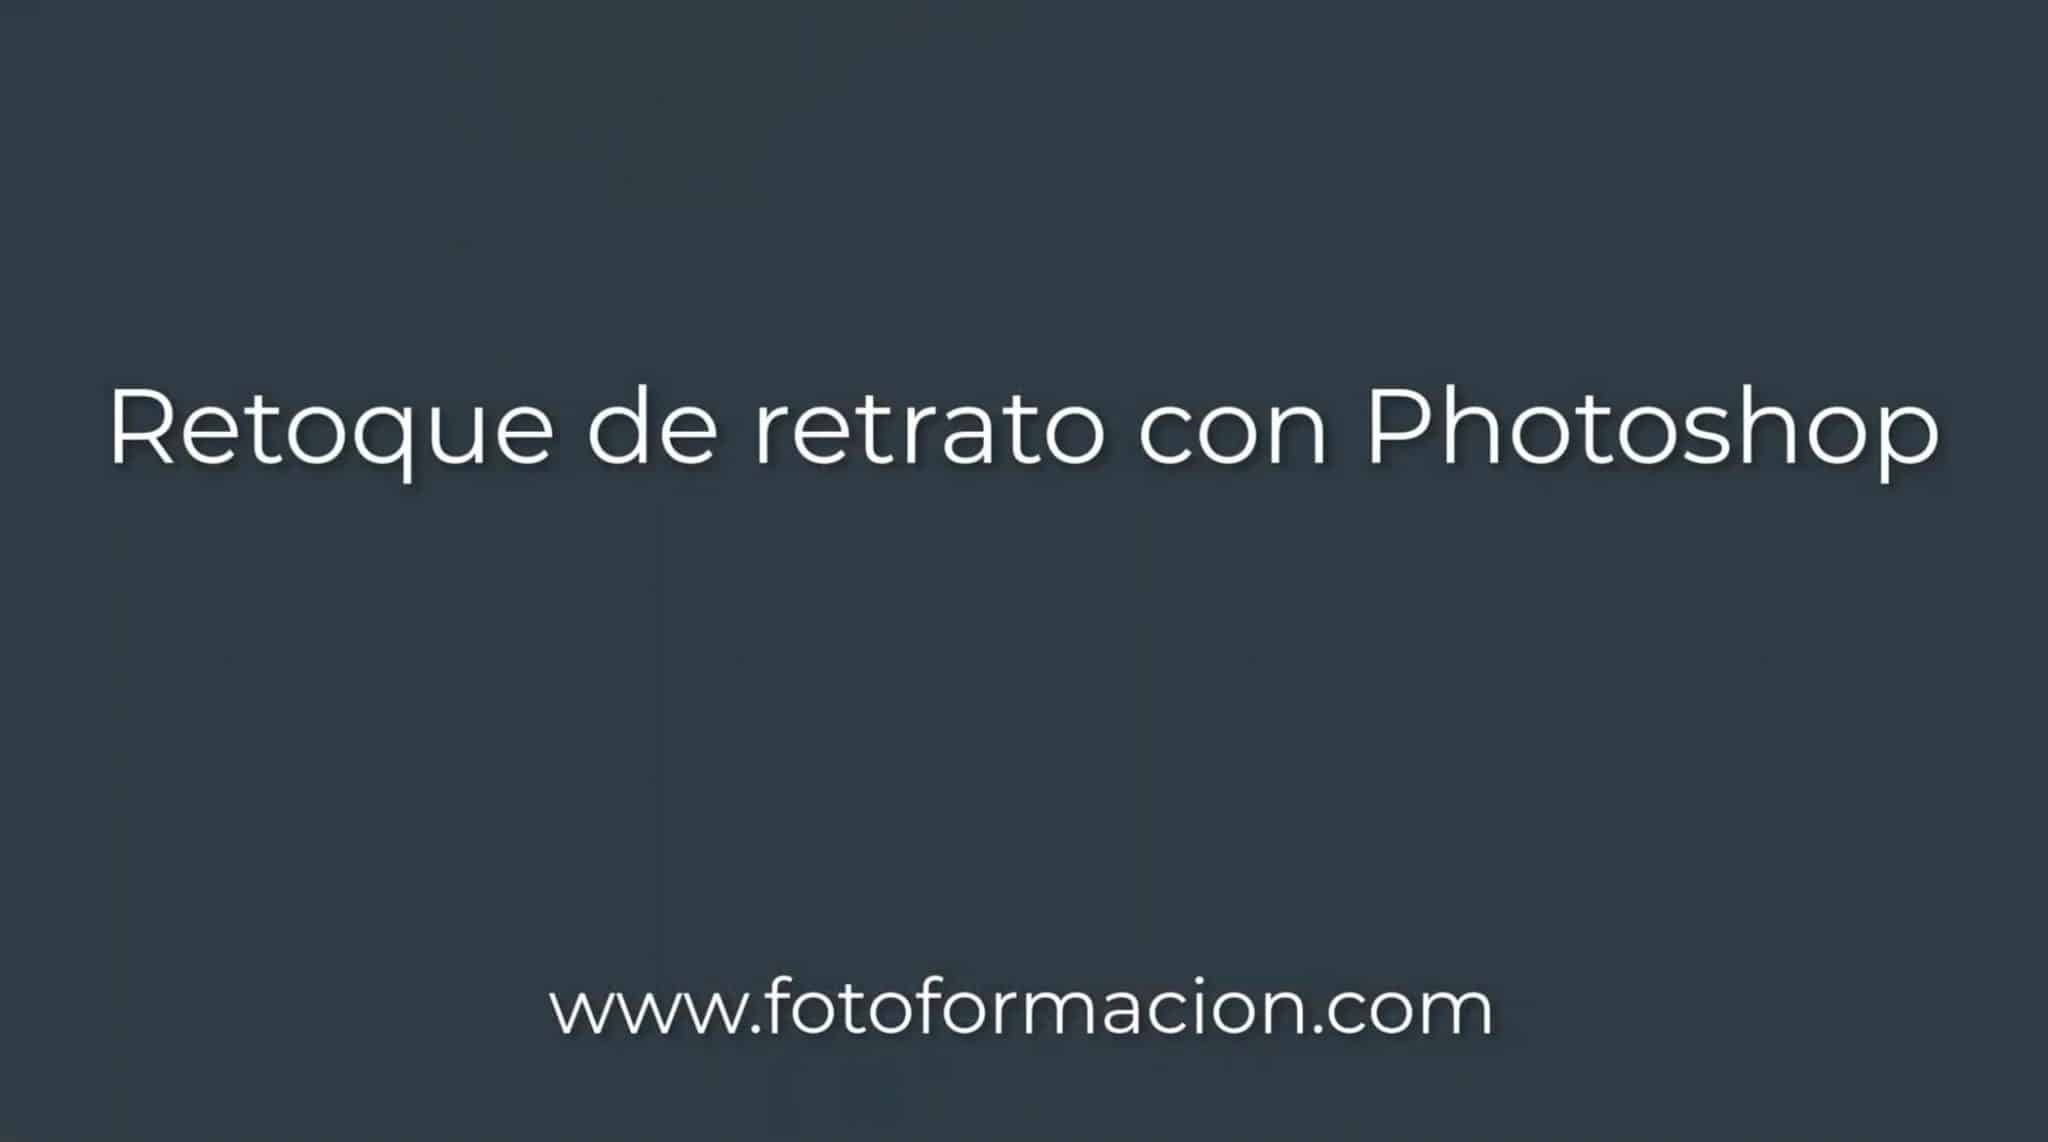 Retoque de retrato con Photoshop